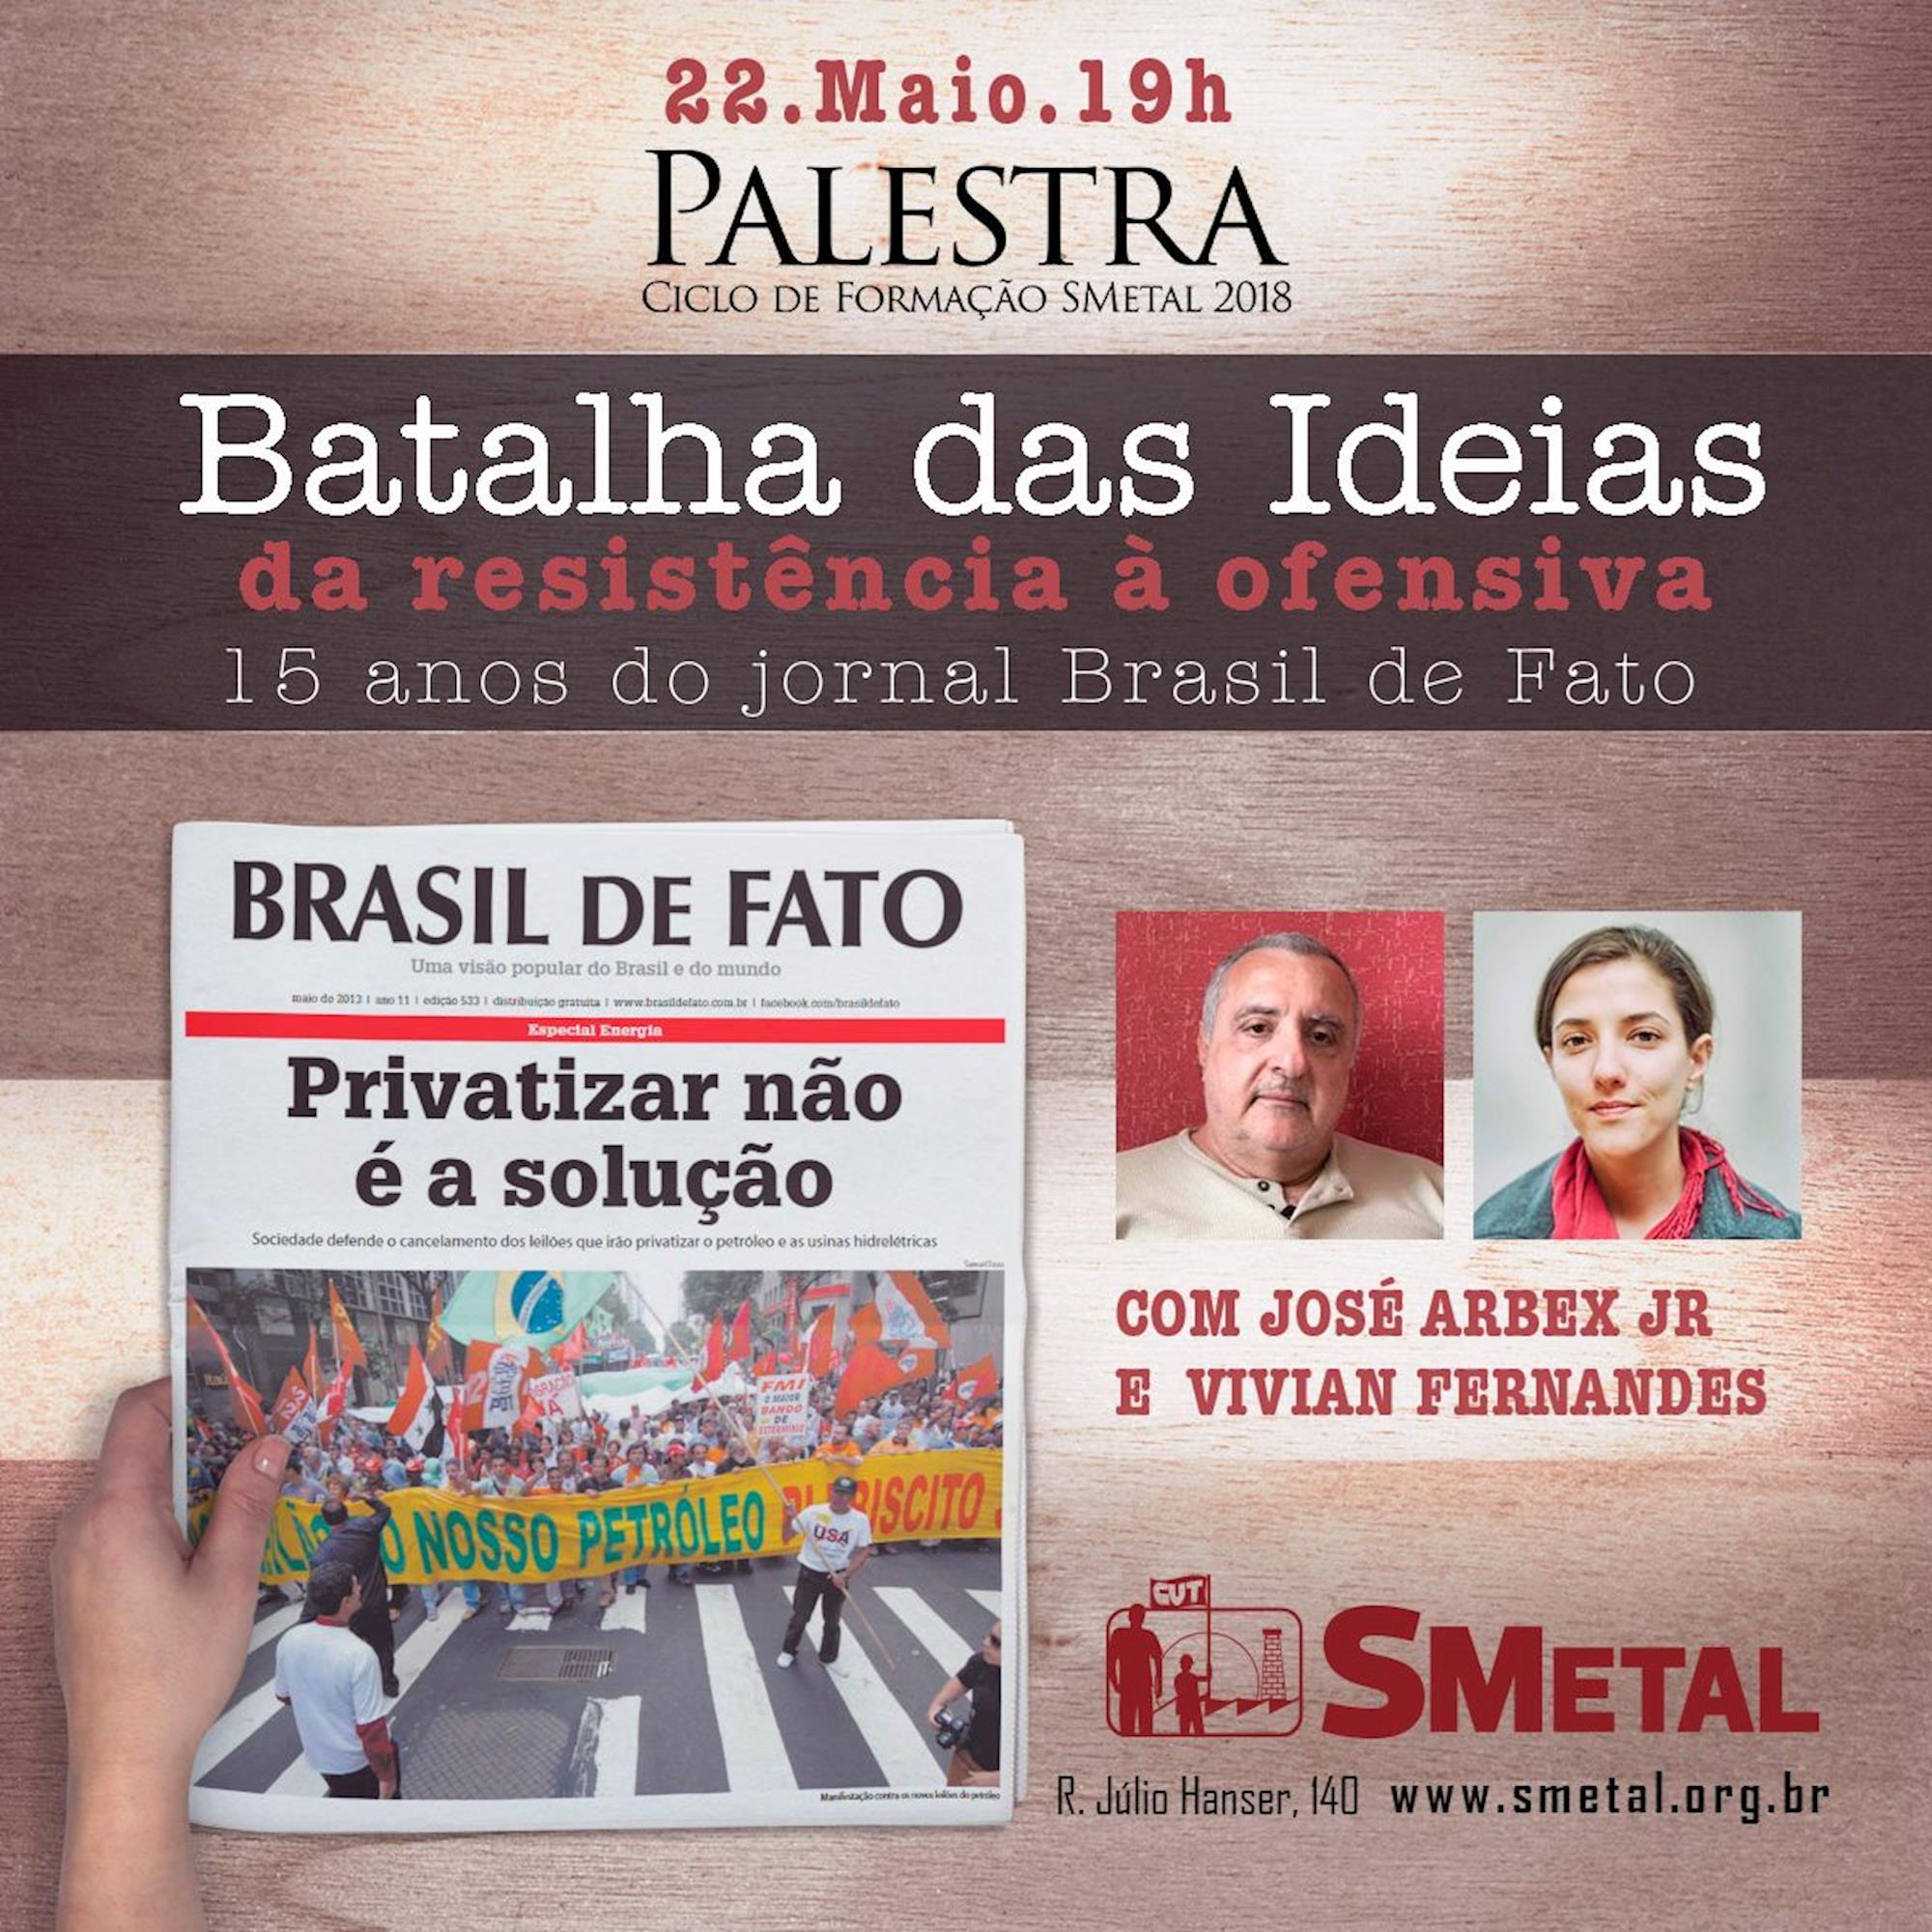 batalha, palestra, brasil de fato, Arte: Lucas Delgado